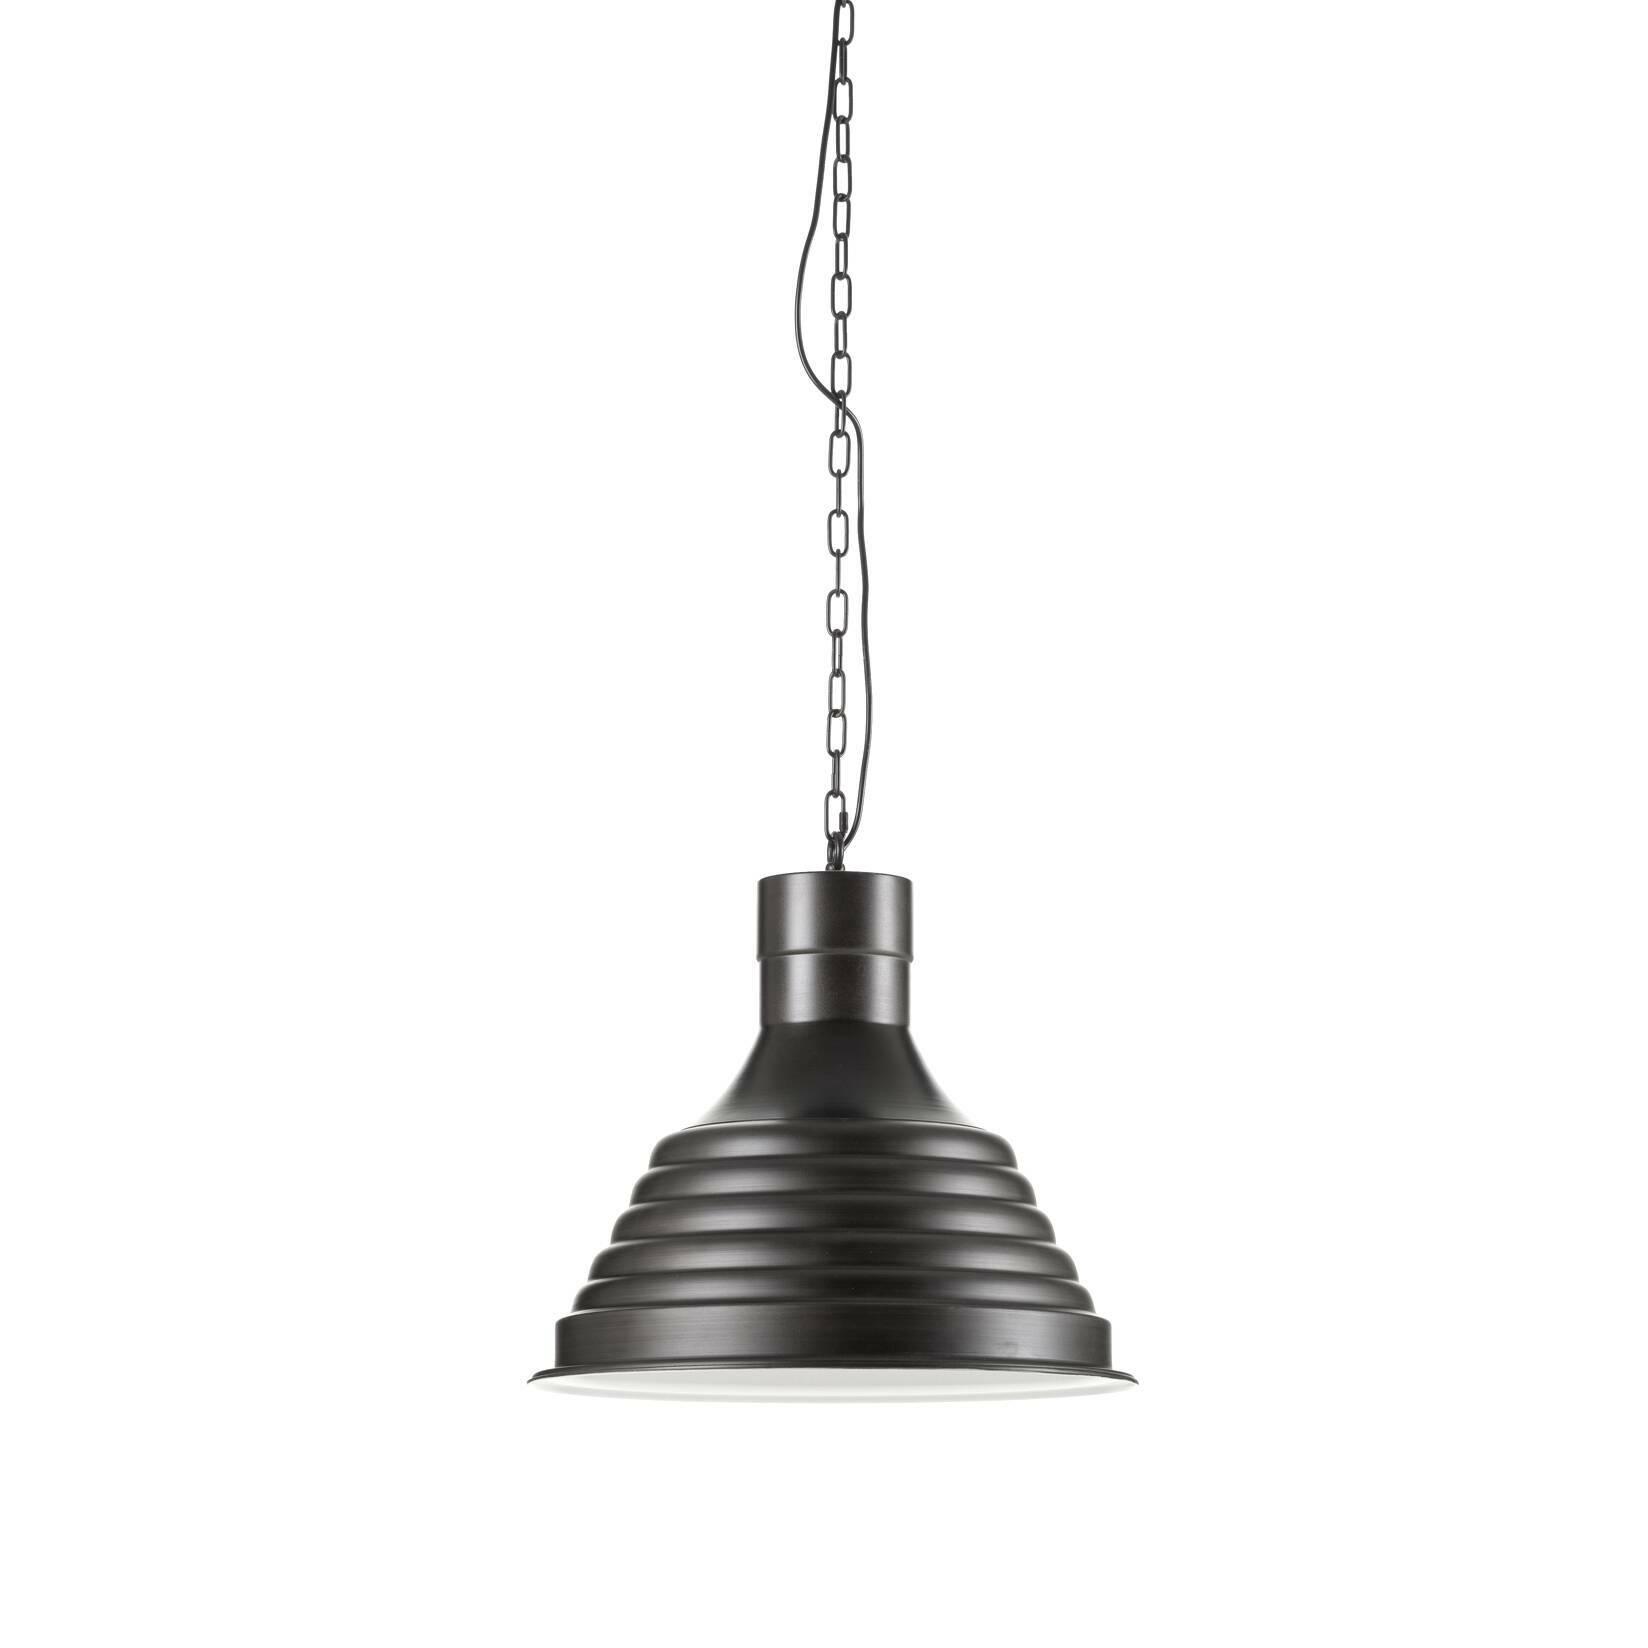 Подвесной светильник SigmaПодвесные<br><br><br>stock: 13<br>Высота: 40<br>Ширина: 47,5<br>Длина: 47,5<br>Количество ламп: 1<br>Материал абажура: Металл<br>Ламп в комплекте: Нет<br>Напряжение: 220<br>Тип лампы/цоколь: E27<br>Цвет абажура: Бронза черная